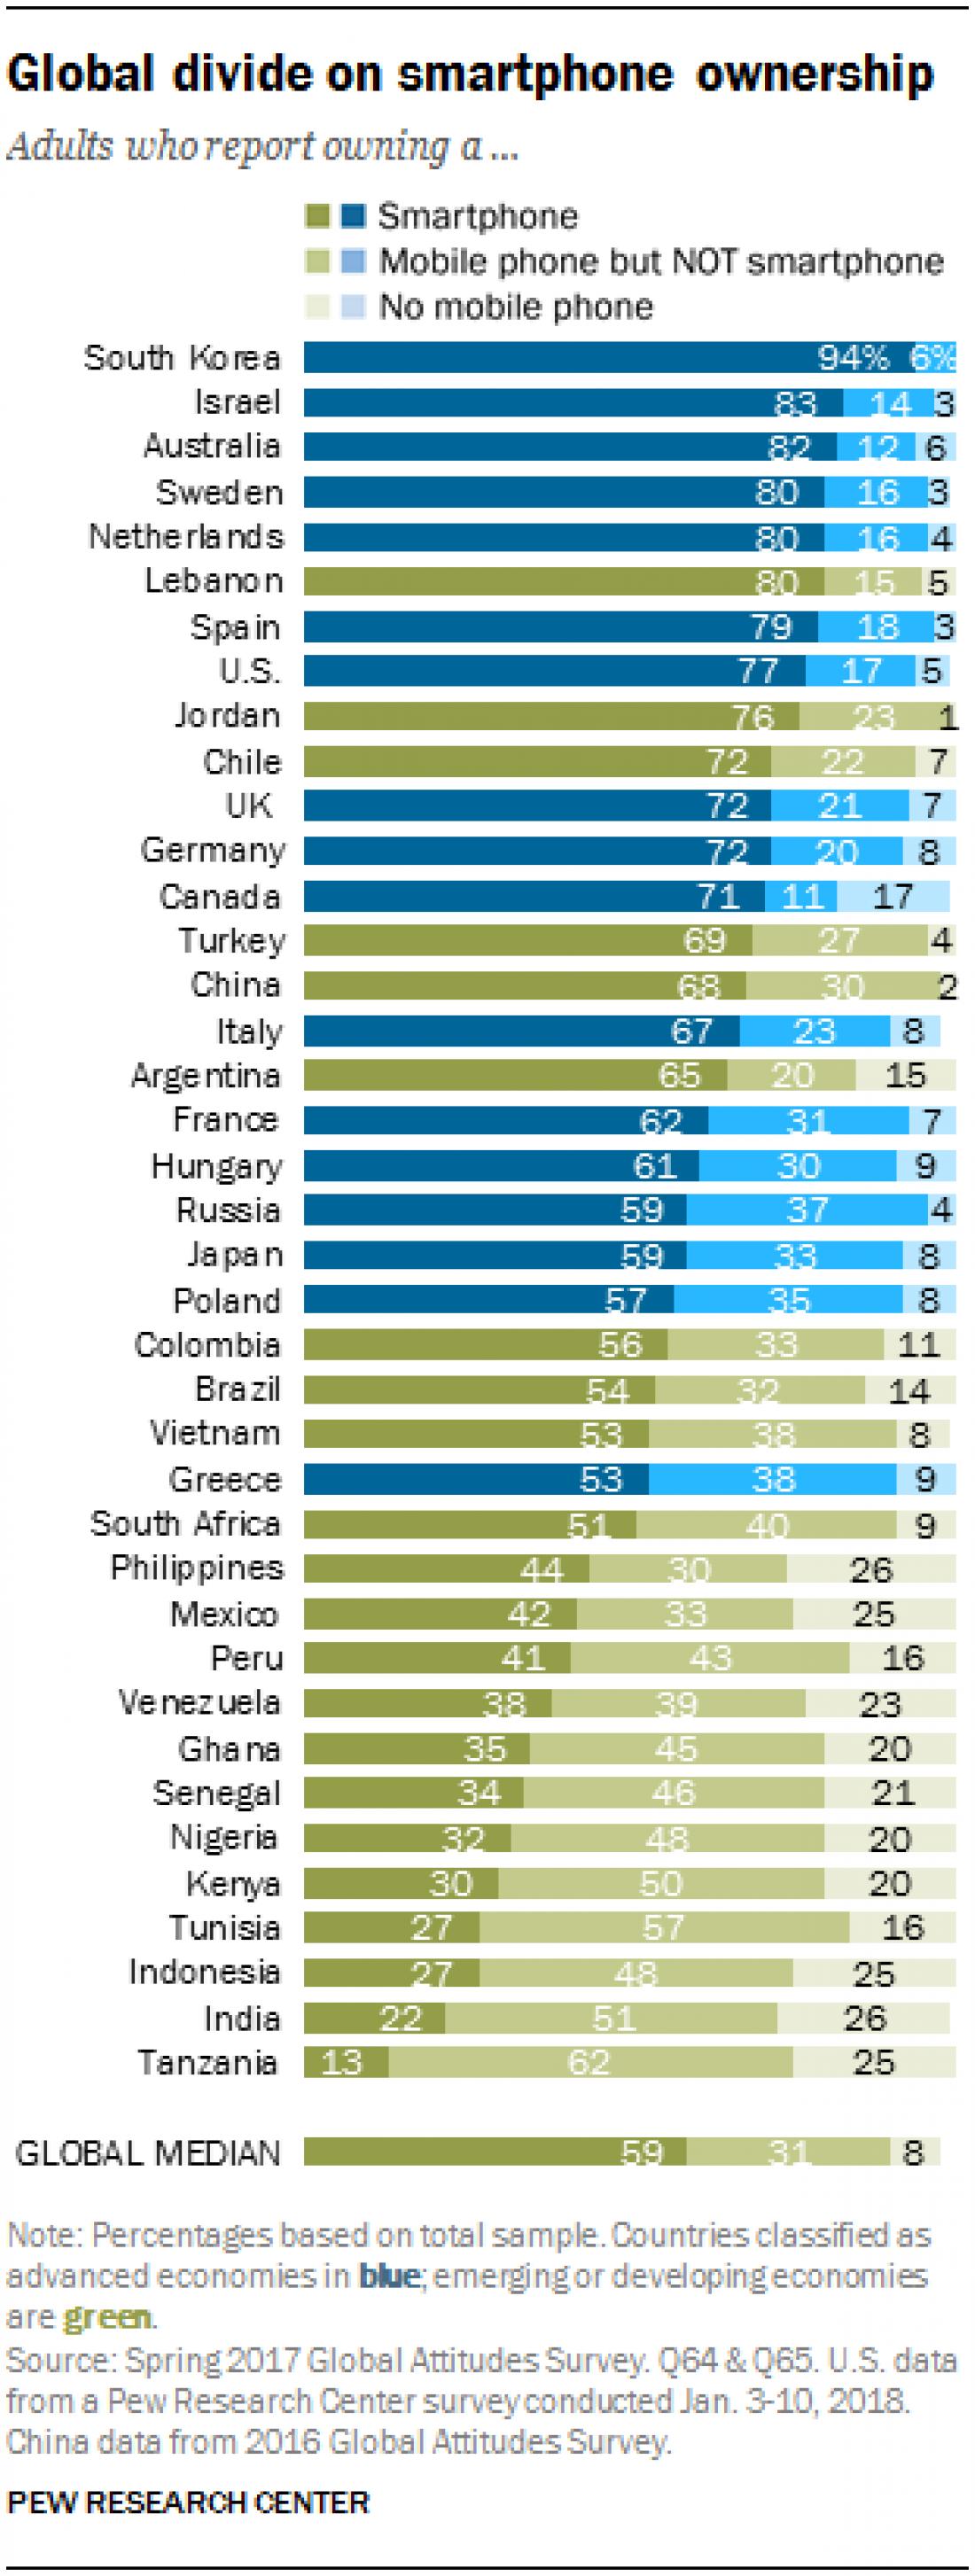 Соотношение владельцев смартфонов и телефонов